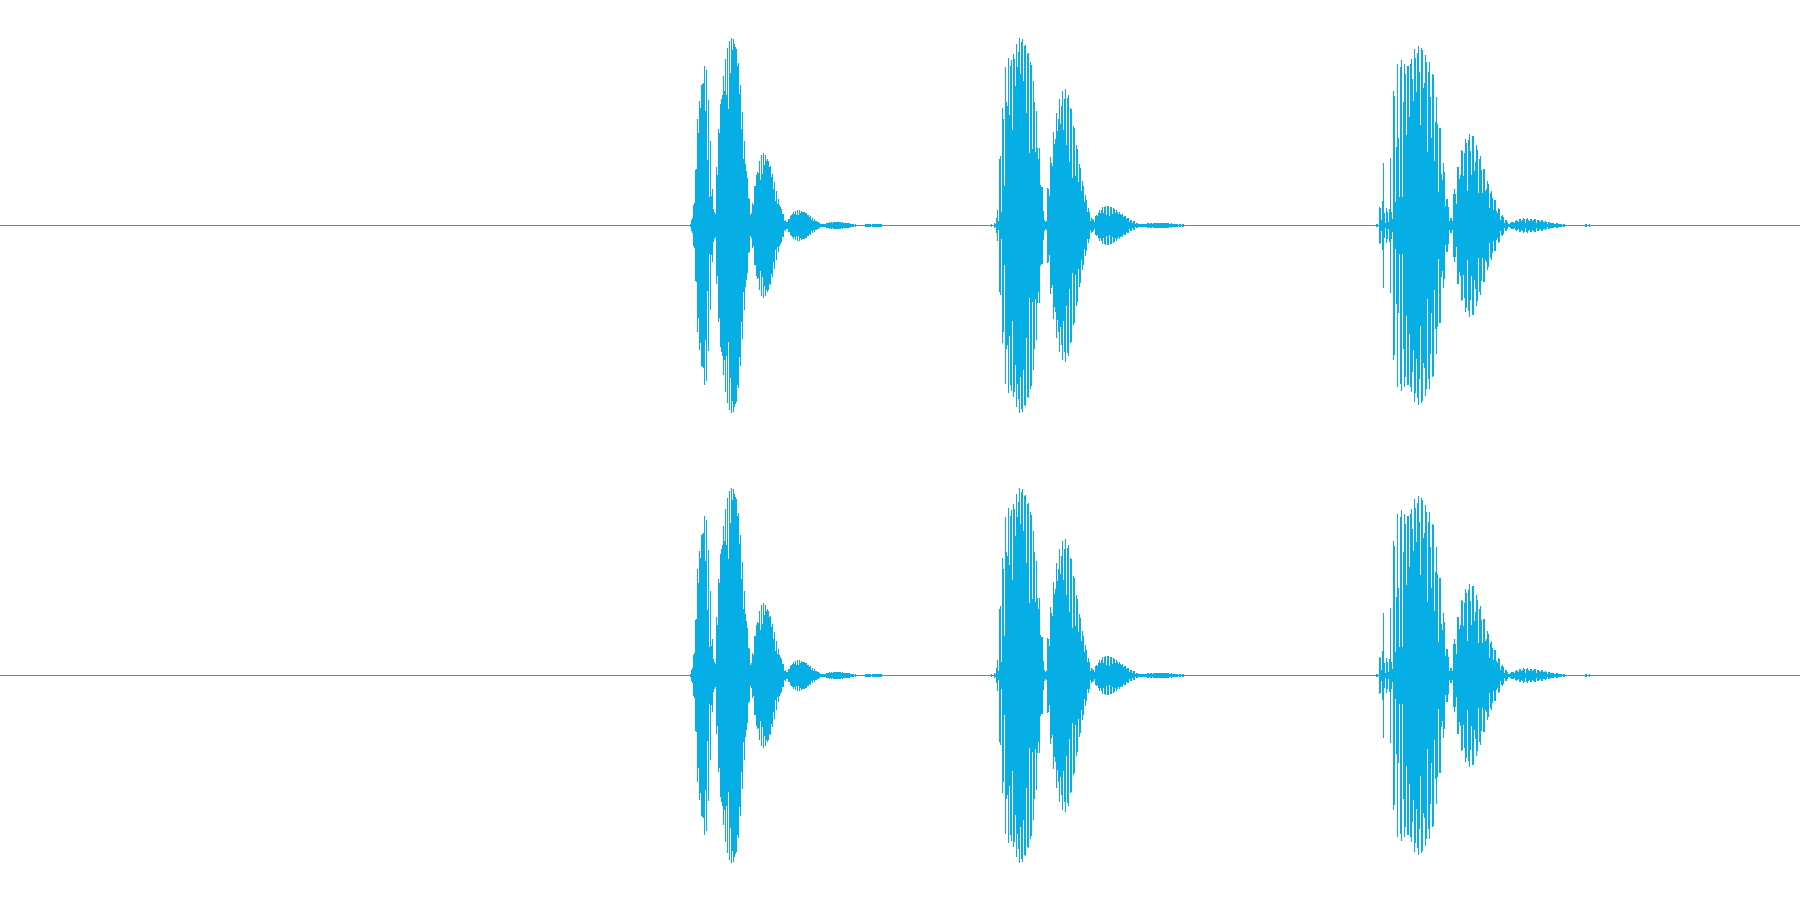 ミス(コミカル・失敗・転ぶ・攻撃を外す)の再生済みの波形